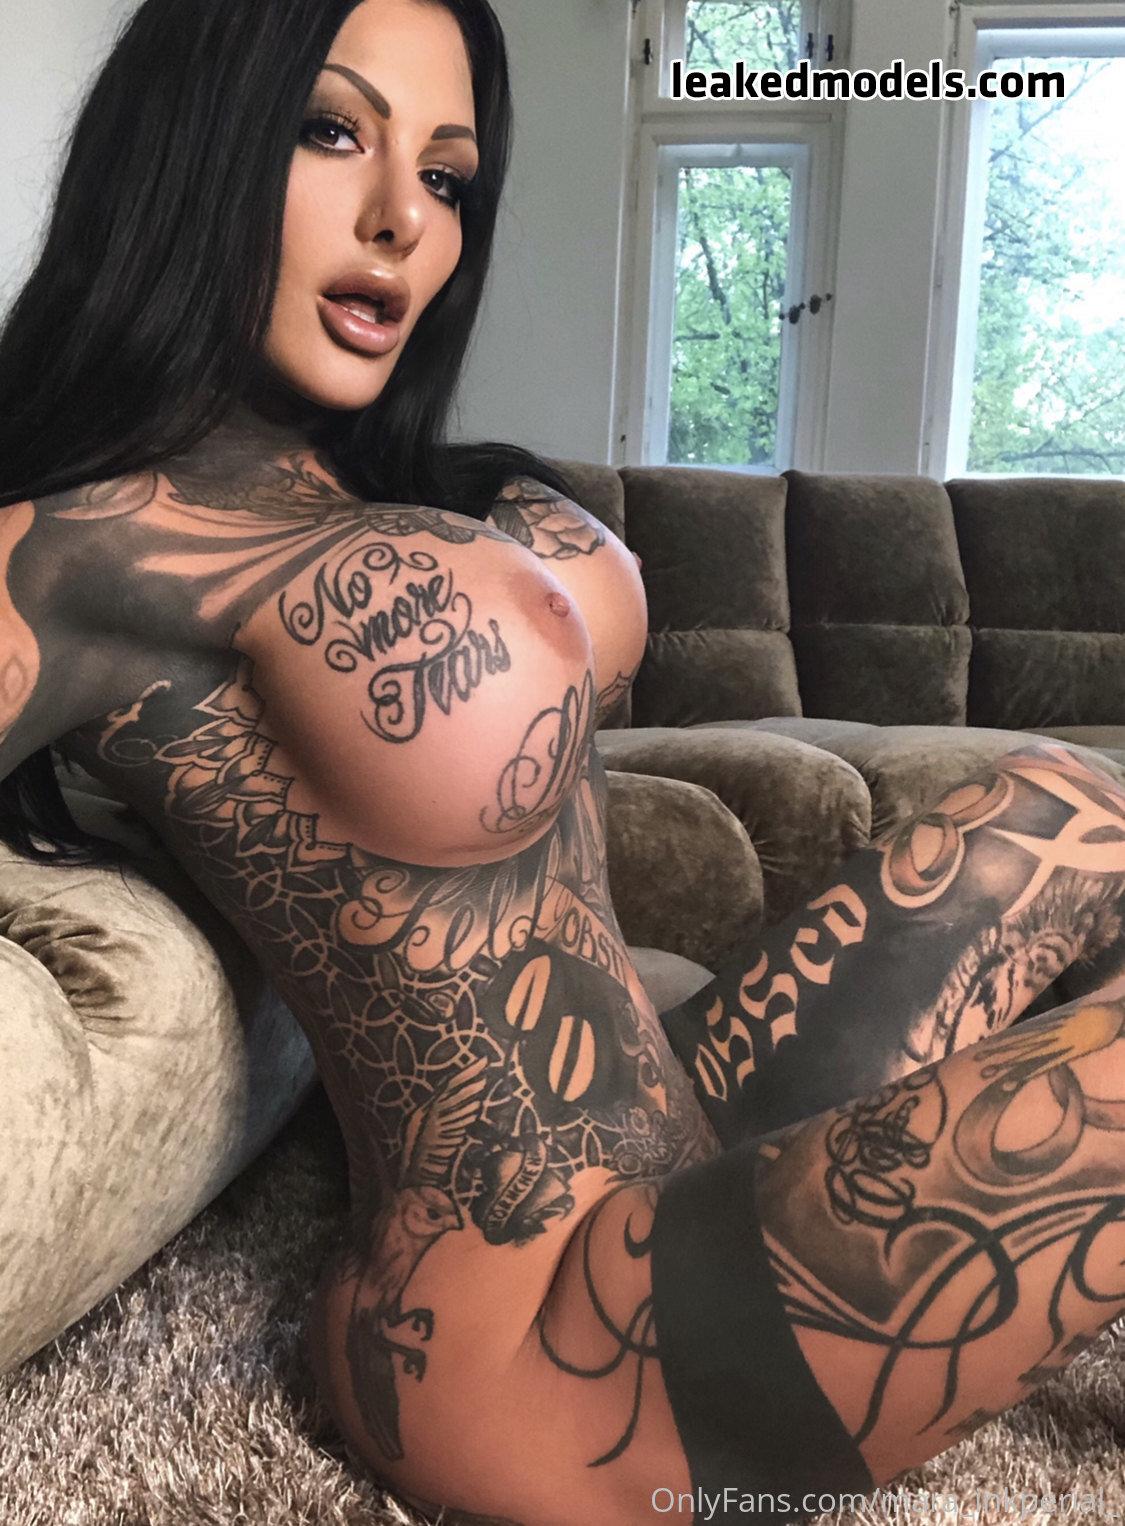 Mara Inkperial – mara_inkperial_ OnlyFans Nude Leaks (30 Photos)